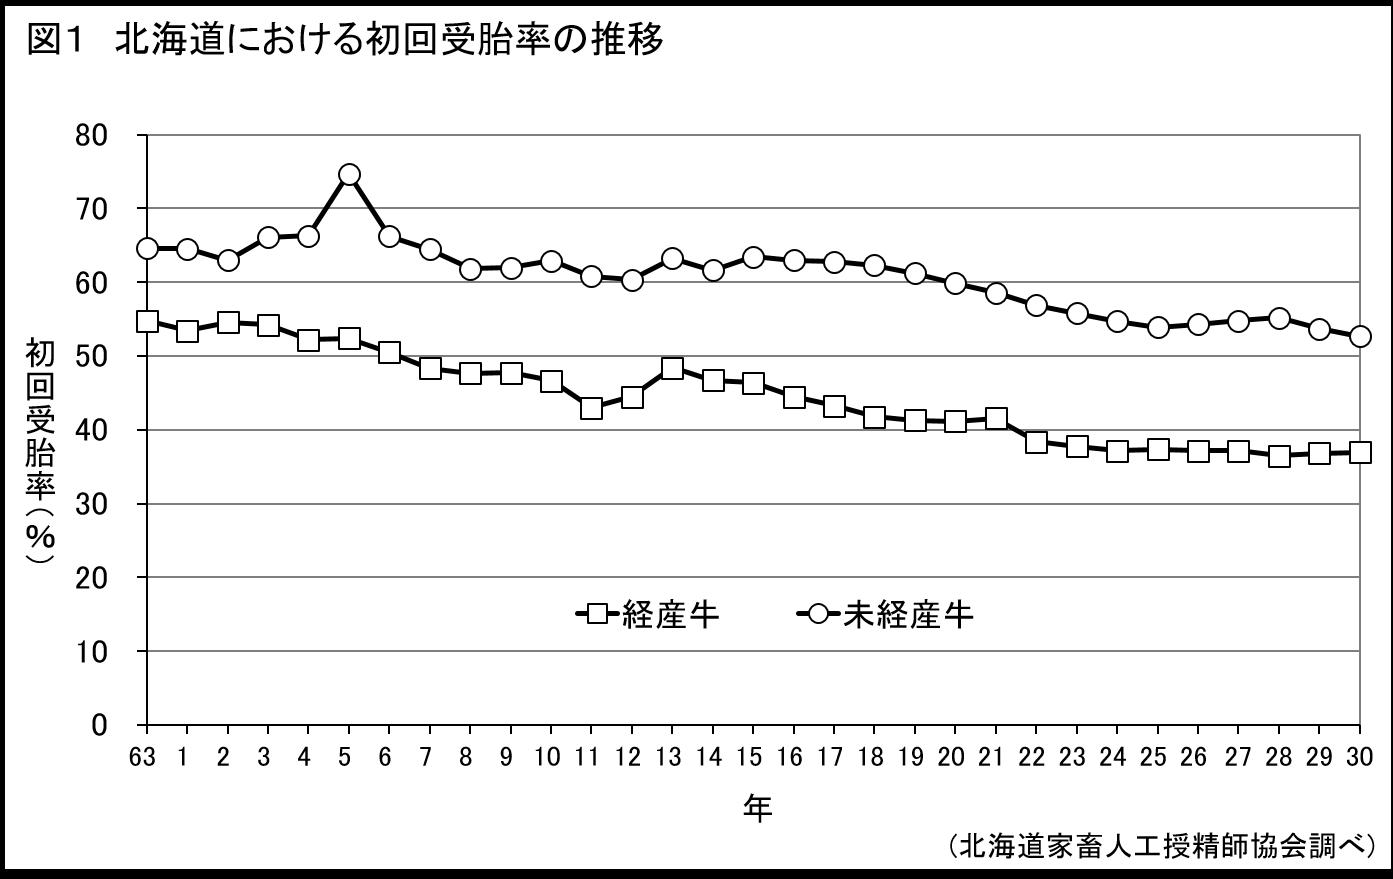 乳牛の繁殖成績と分娩前後の栄養状態との関係(1)